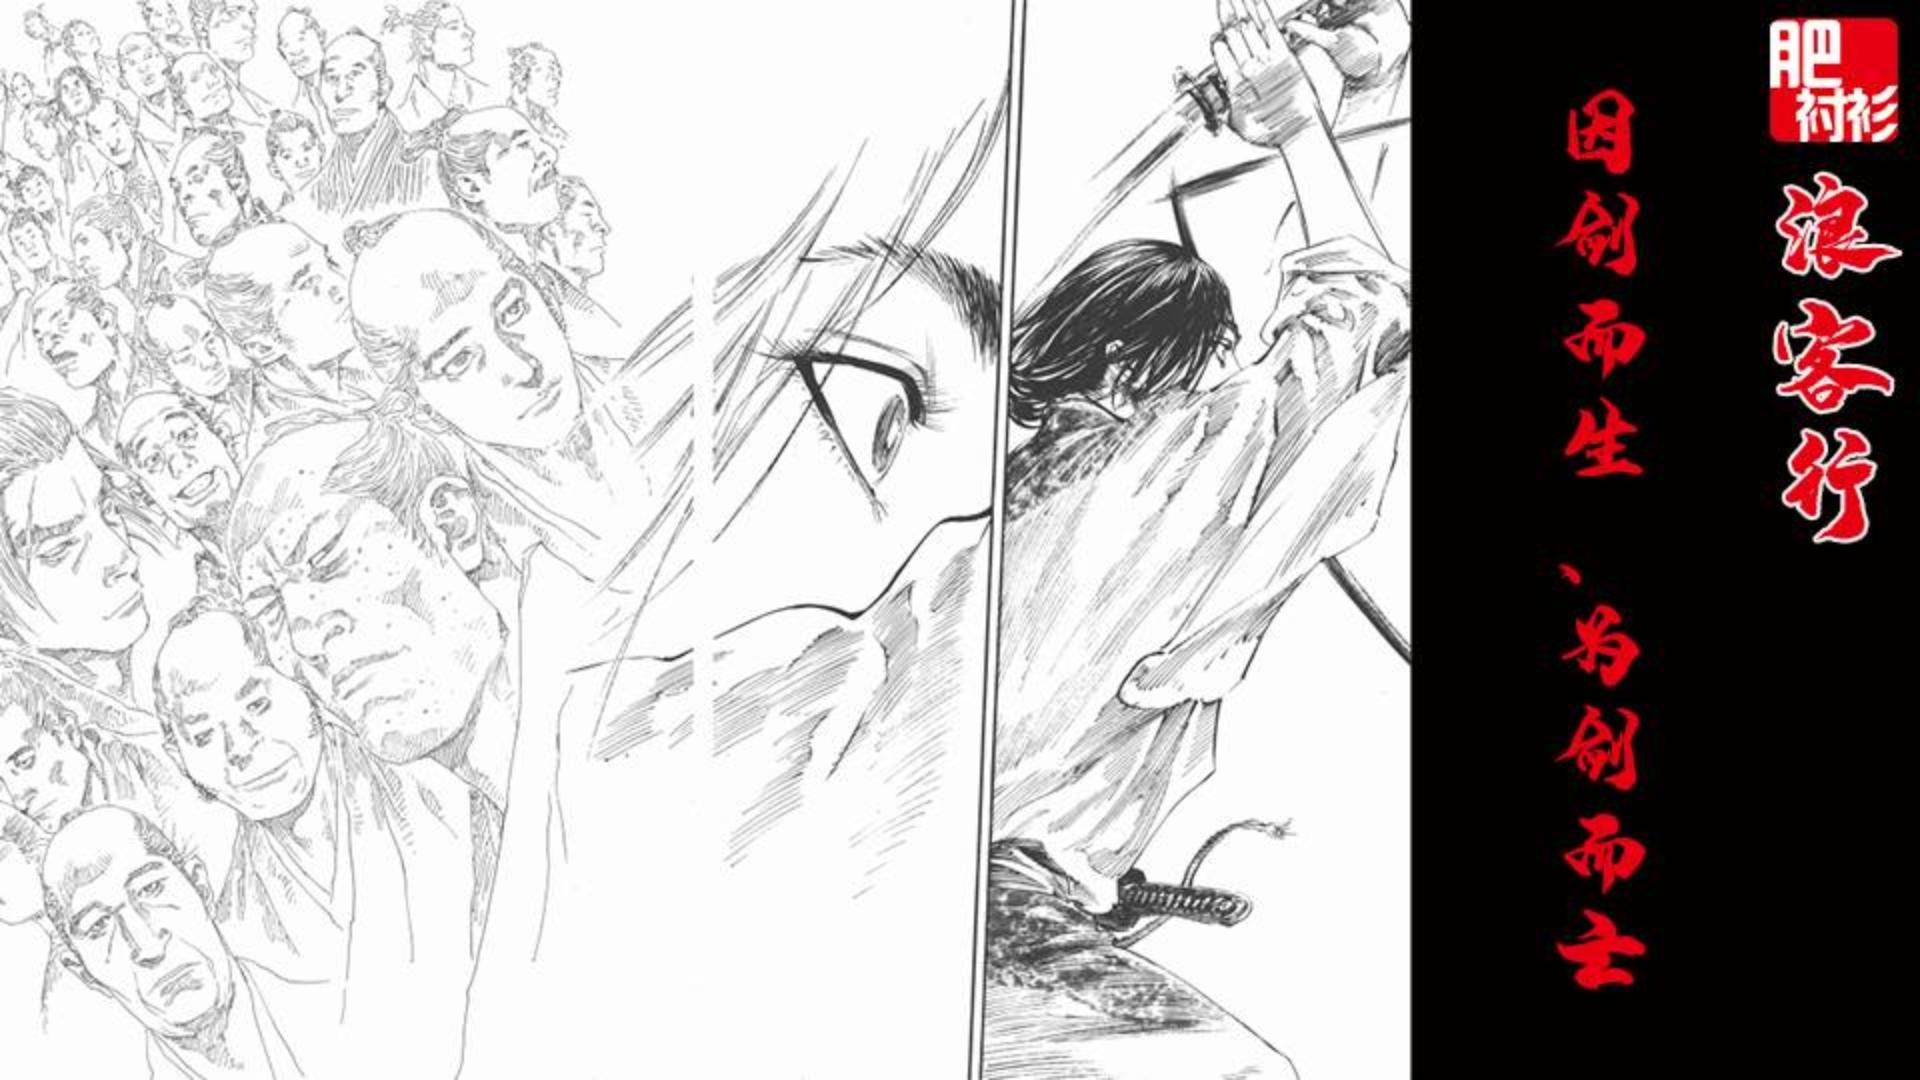 【肥】浪客行29期,因剑而生、为剑而亡